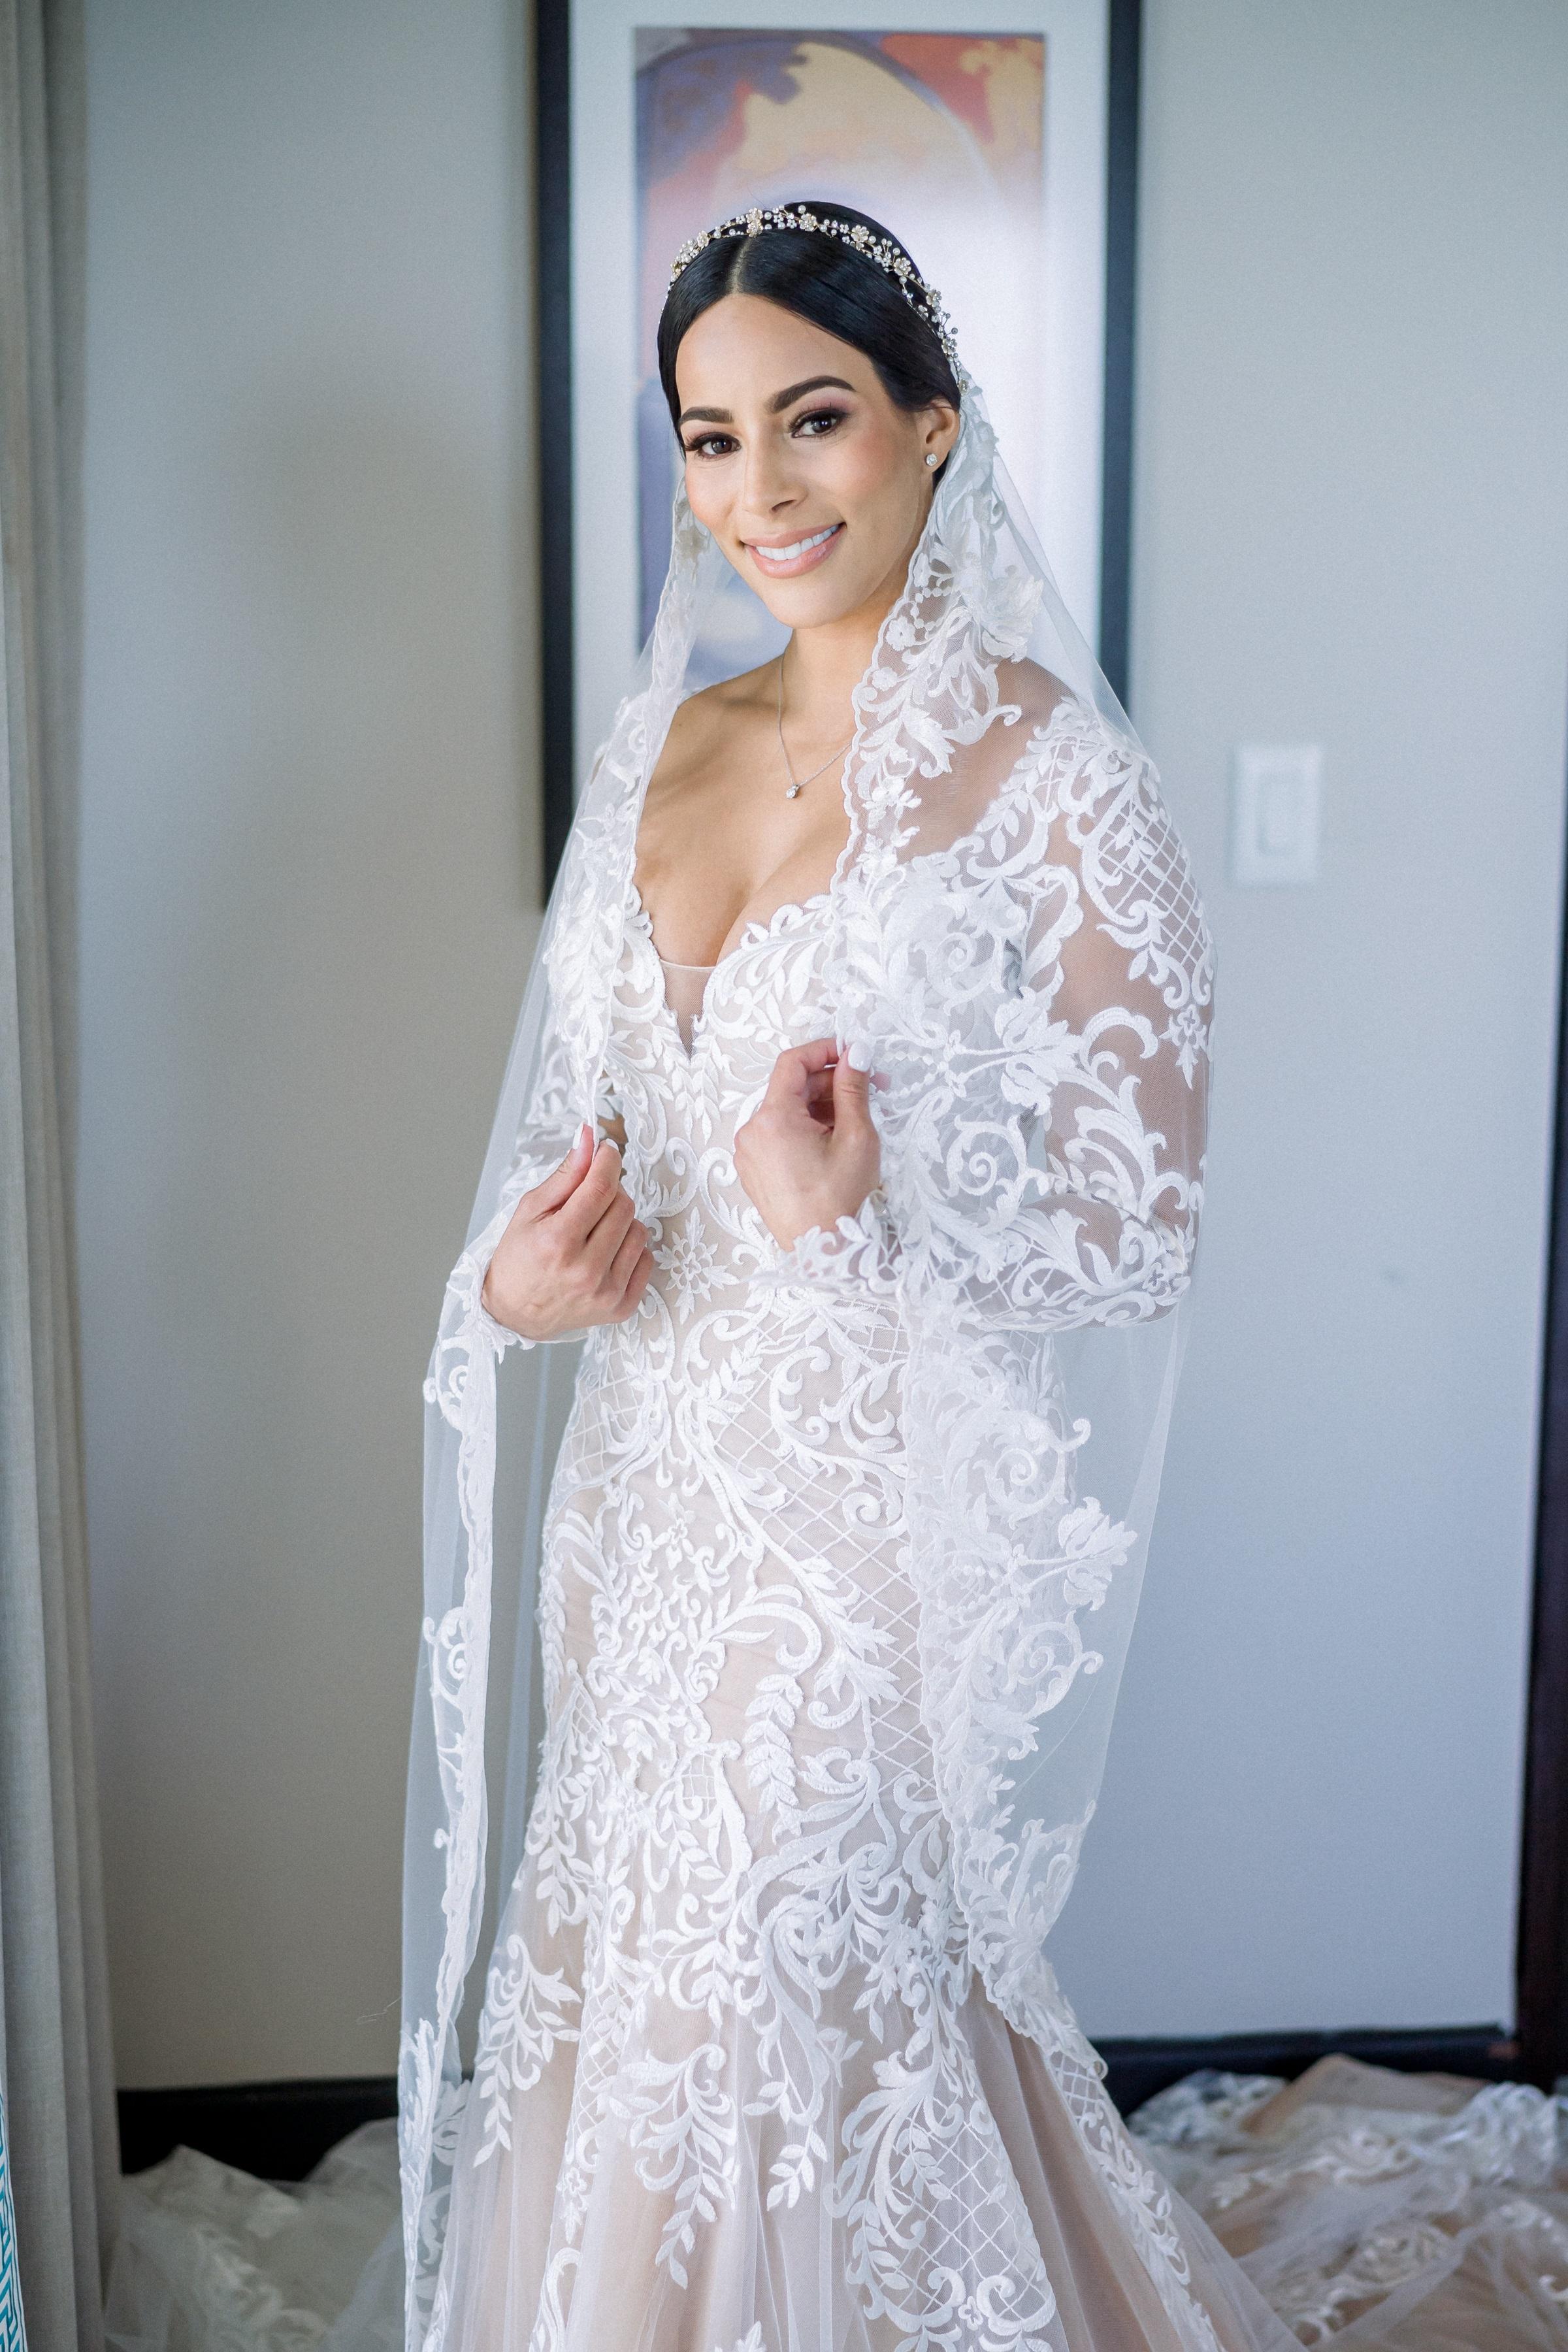 Vestido de la novia: D'Royal Bride (Foto: José Ruiz Photography)